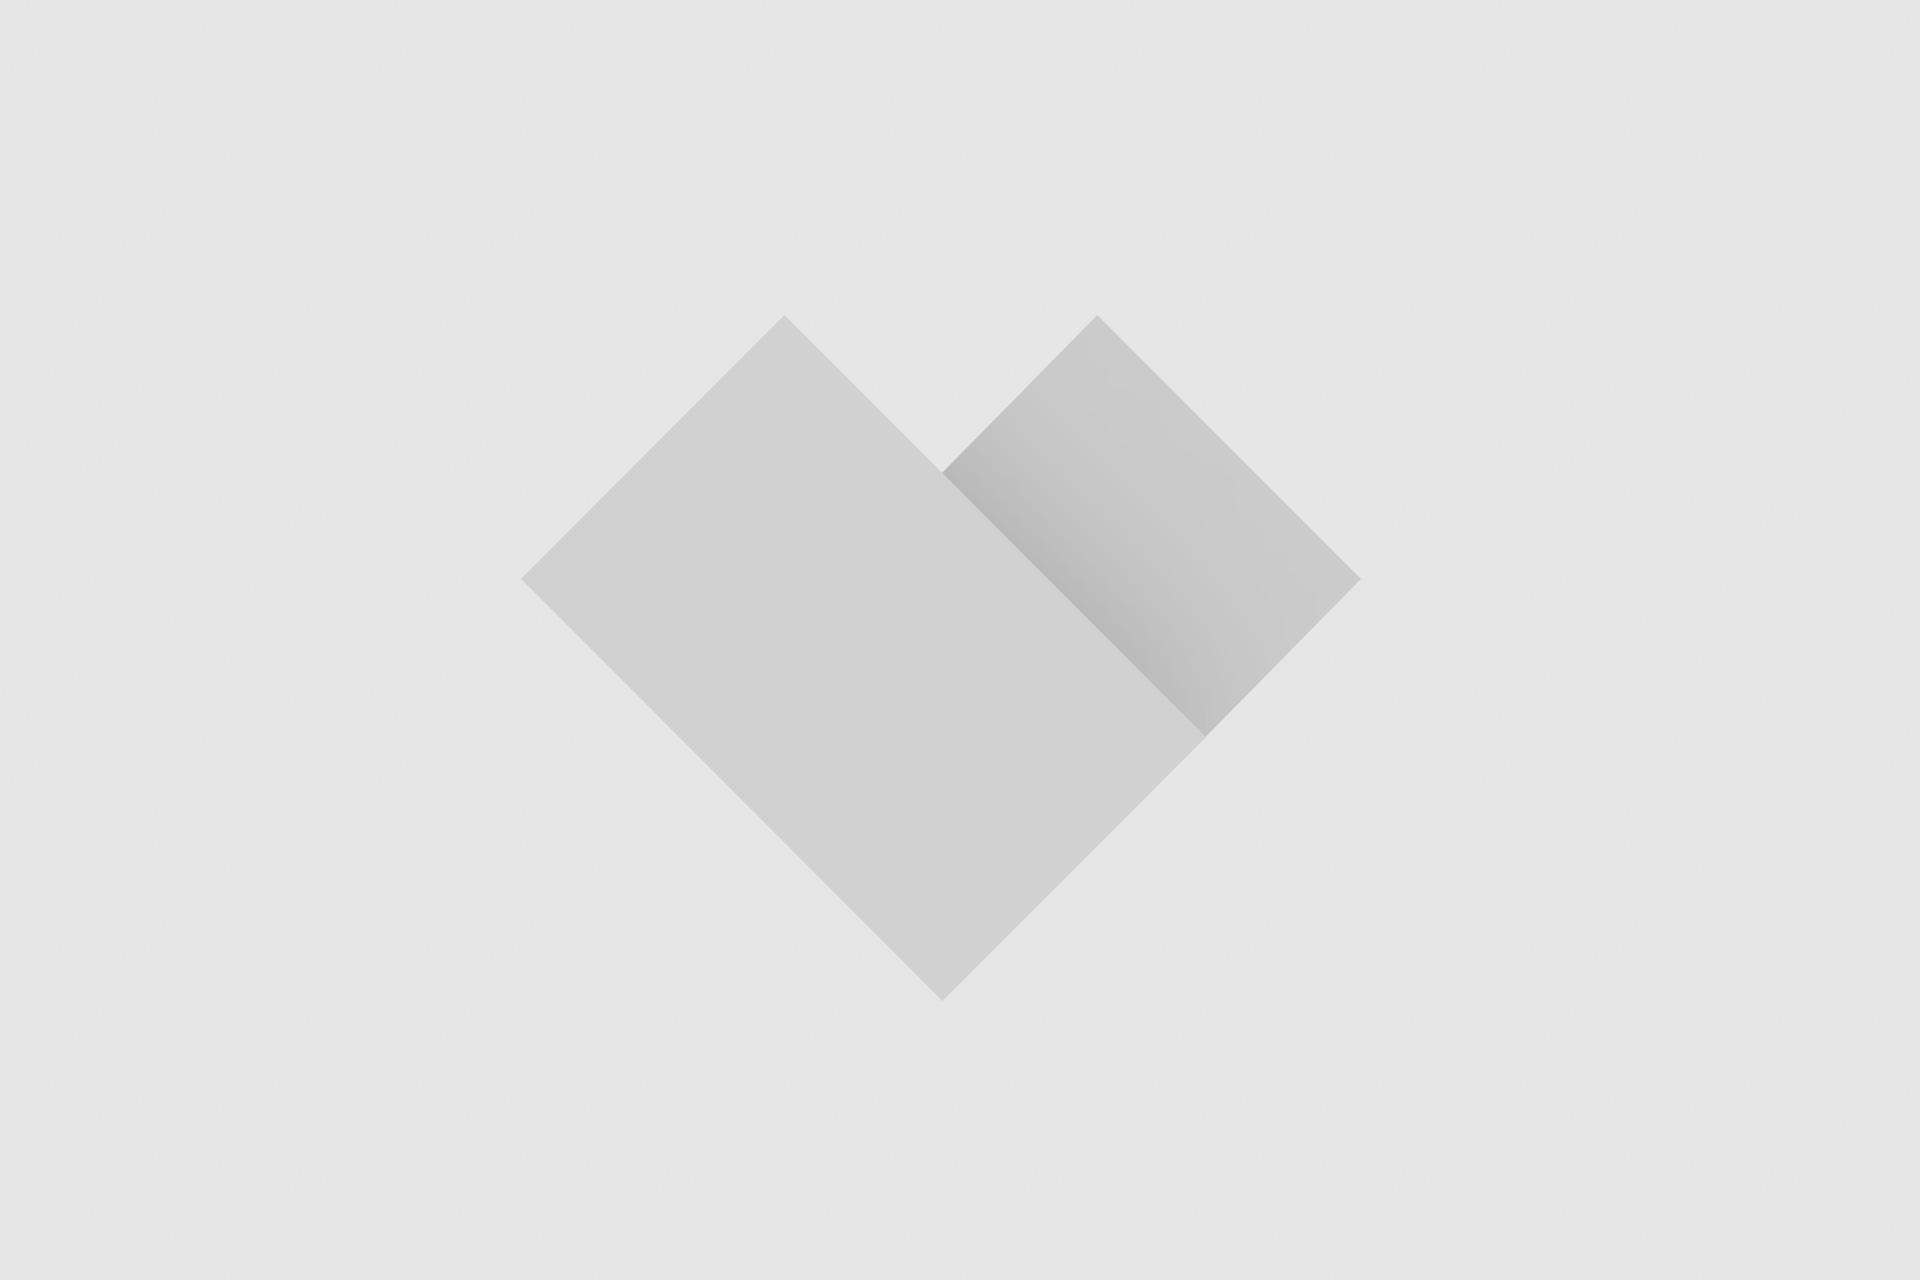 «Не нужно муссировать эти фамилии «только с точки зрения негатива» – Ирек Ялалов считает, что обвиненных в крупной растрате бывших чиновников мэрии Уфы надо поблагодарить